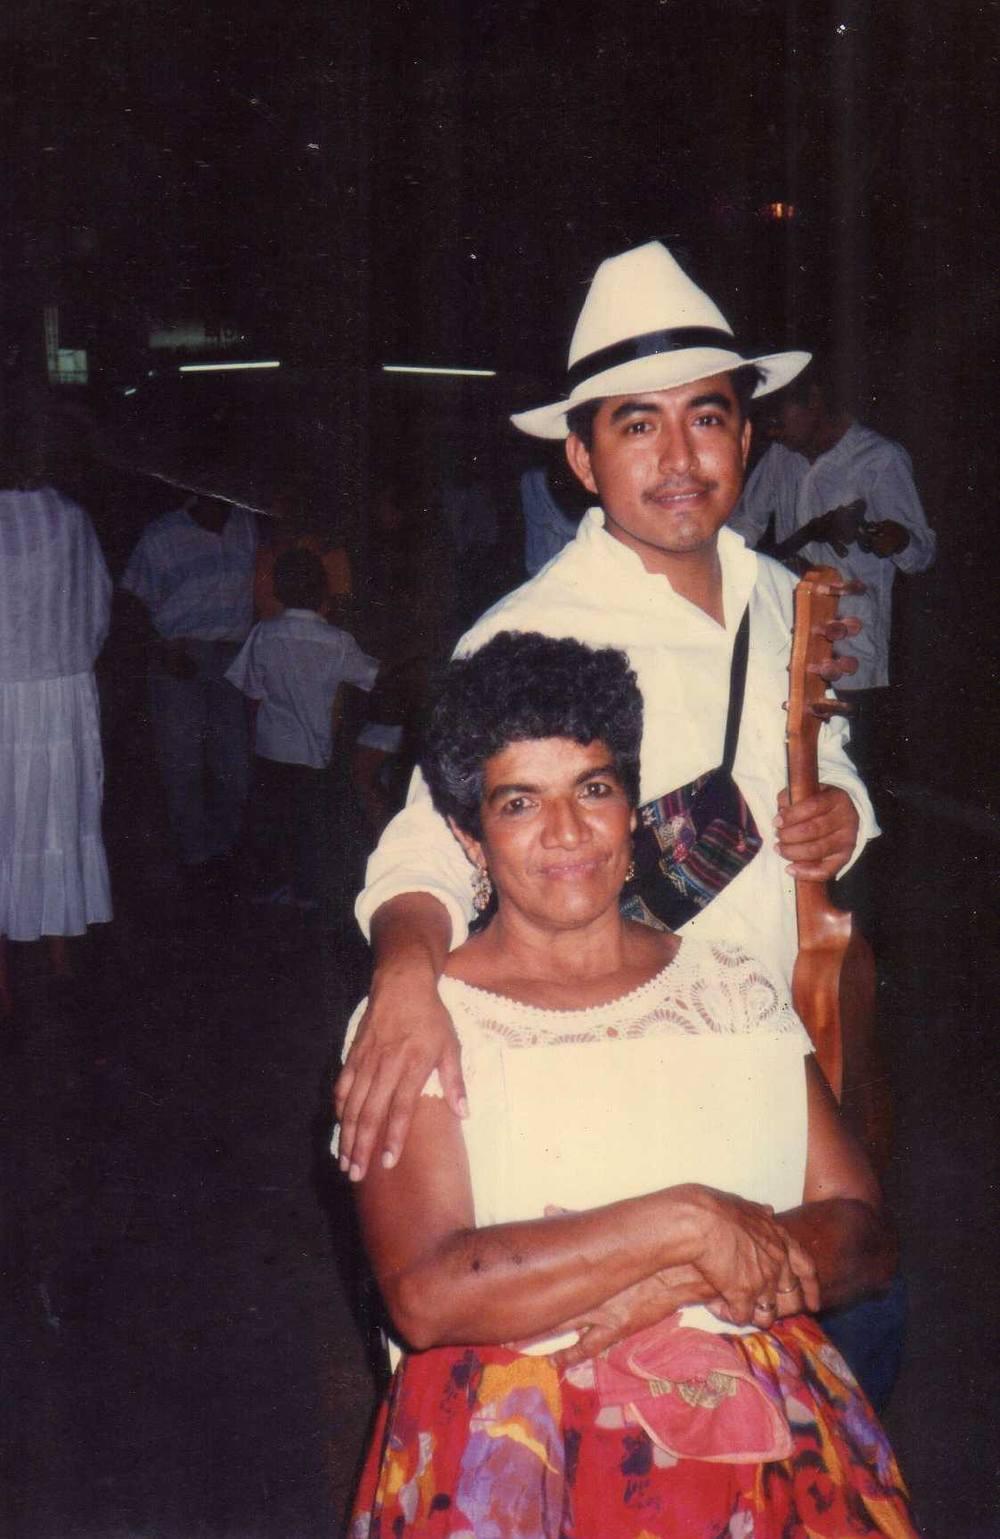 Fotografía: Andres Bernardo Moreno Najera  durante el Encuentro de Jaraneros de San Andrés Tuxtla 1997